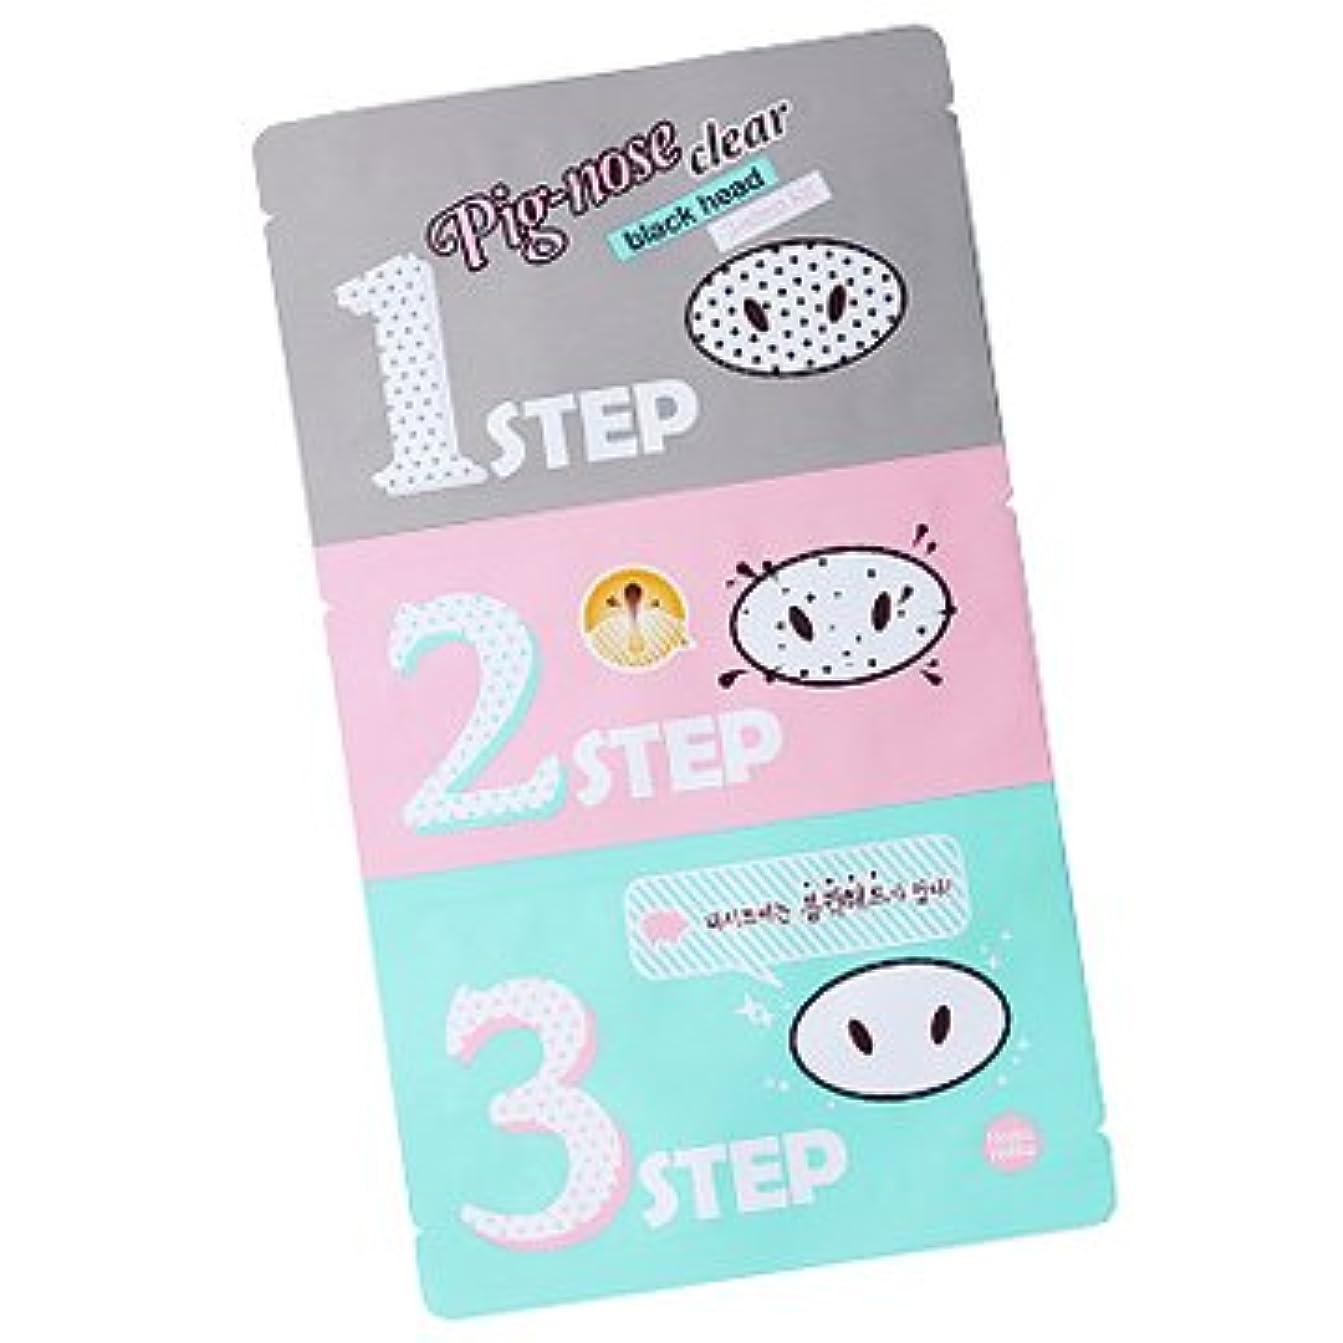 ラボ魅惑する煙Holika Holika Pig Nose Clear Black Head 3-Step Kit 10EA (Nose Pack) ホリカホリカ ピグノーズクリアブラックヘッド3-Stepキット(鼻パック) 10pcs...